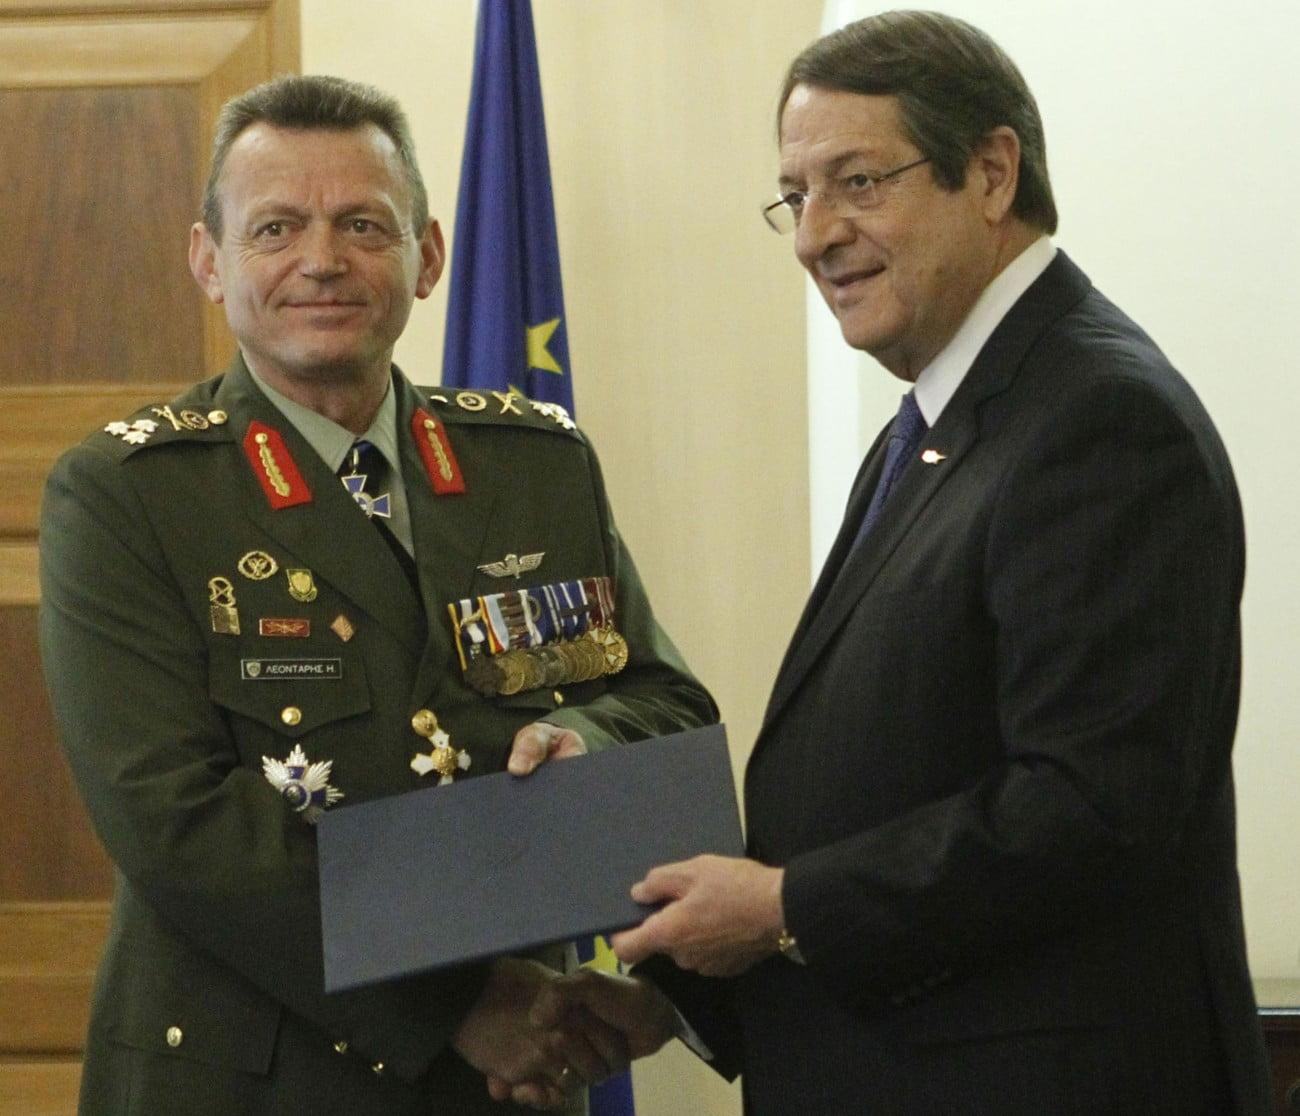 Ο Αρχηγός της Εθνικής Φρουράς, Στρατηγός Ηλίας Λεοντάρης, αποχαιρετά τα όπλα